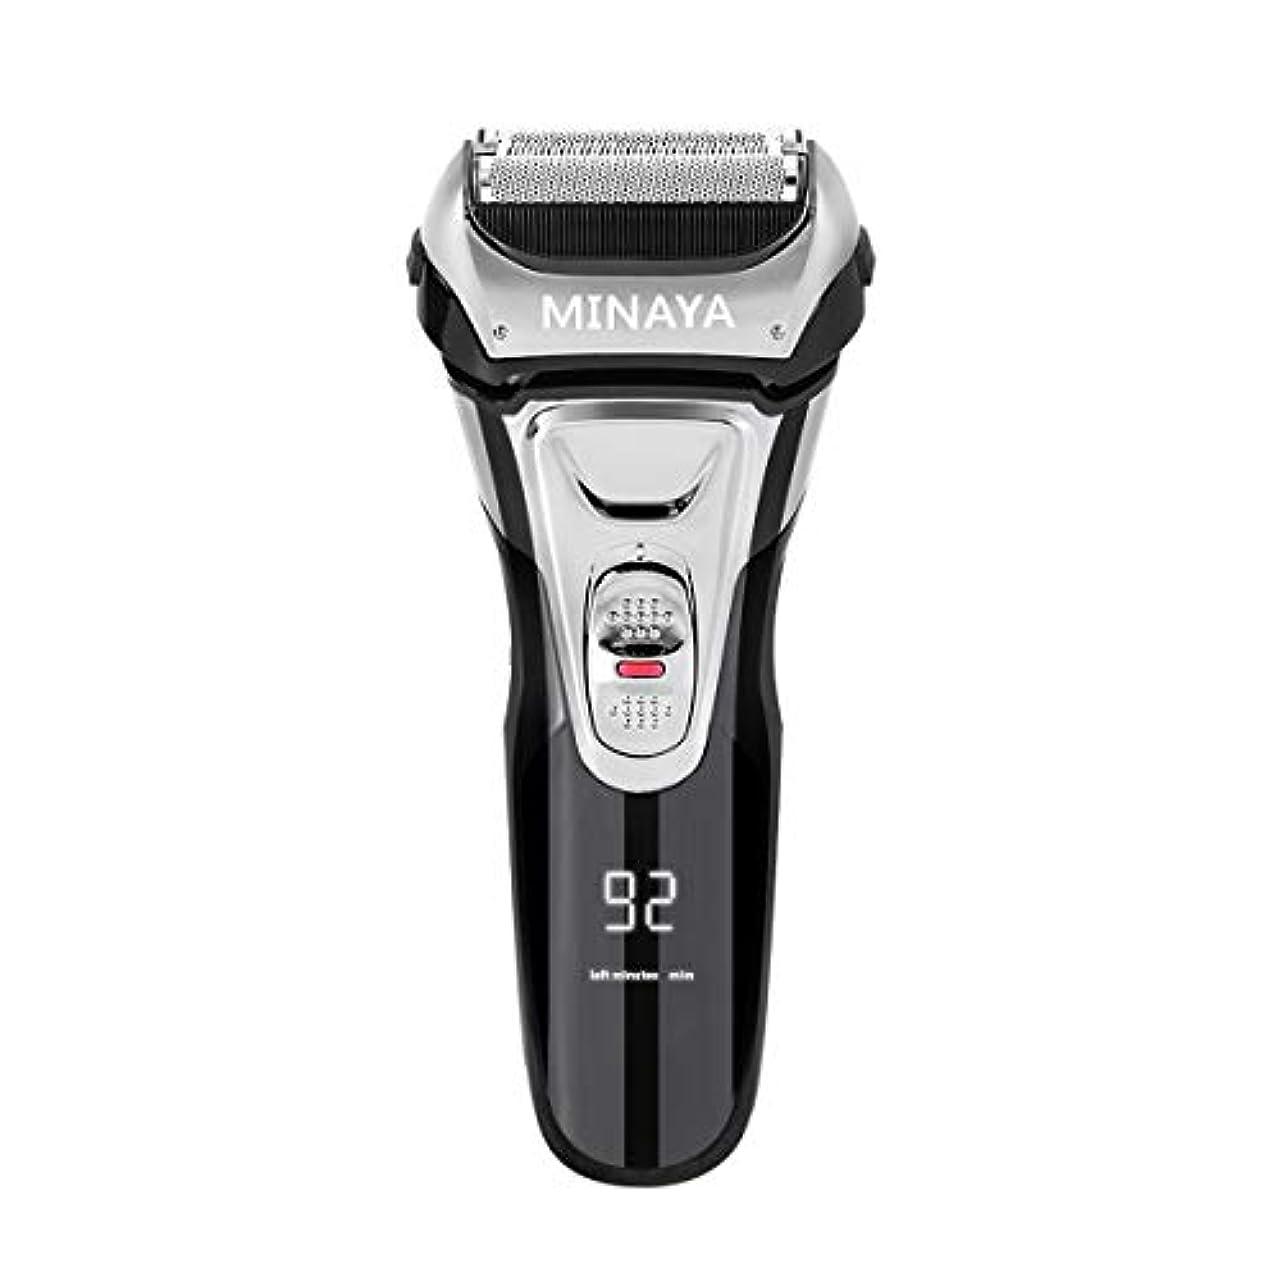 強要抗生物質かわす電気シェーバー メンズ シェーバー 往復式 3枚刃 髭剃り 電動 カミソリ LEDディスプレイ USB充電式 IPX7防水 水洗い/お風呂剃り対応